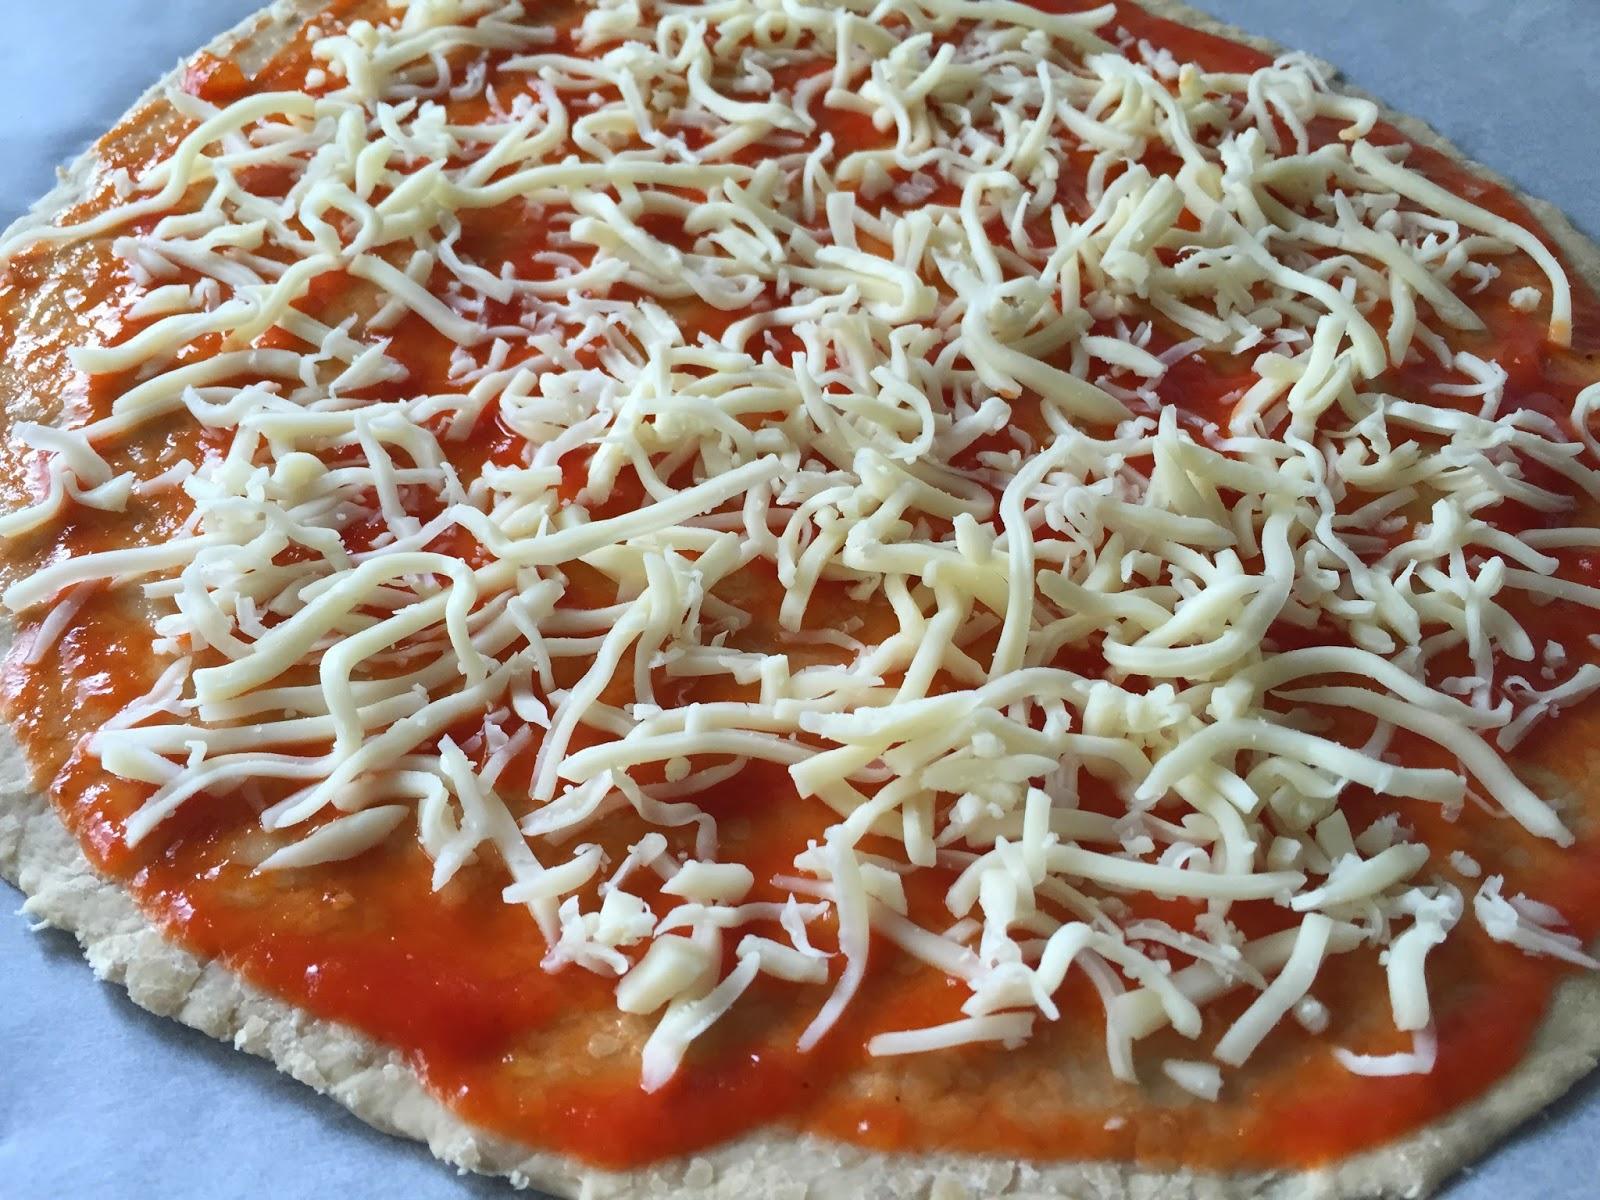 Pizza con chorizo y jalapeños. Poniendo la base de tomate y mozzarella.